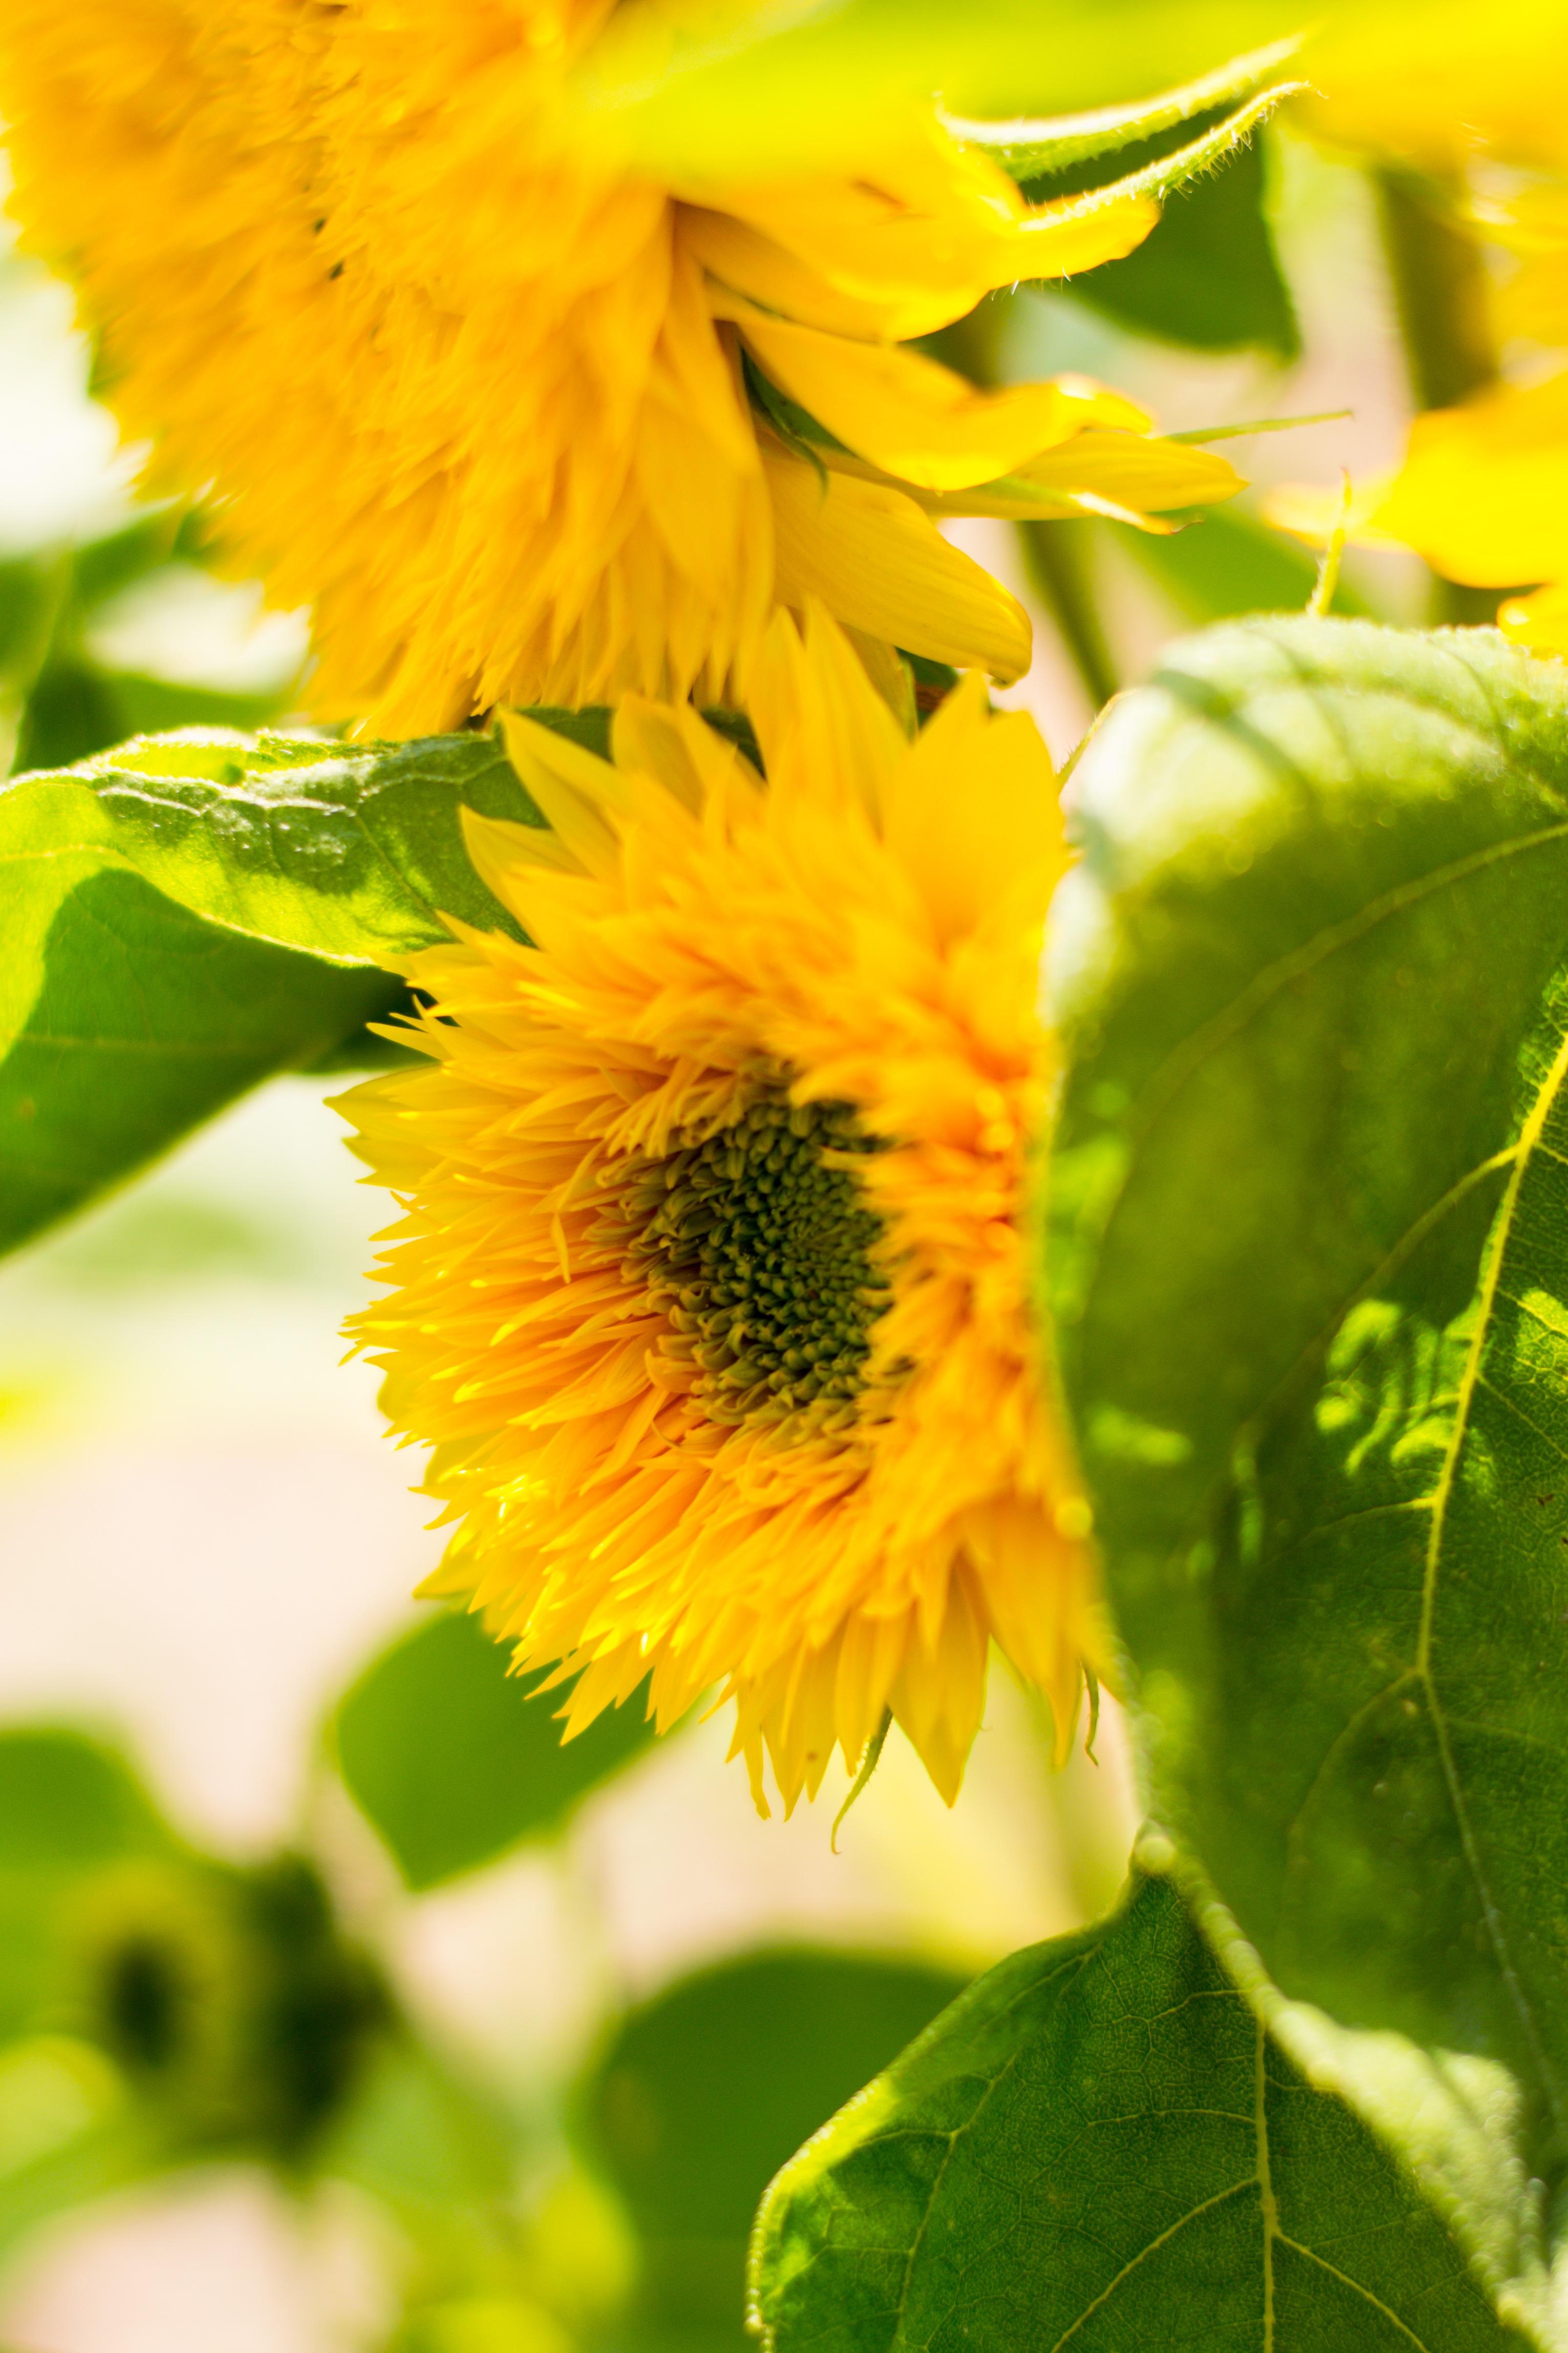 Images gratuites la nature lumi re du soleil feuille fleur p tale floraison t vert - Fleur du soleil ...